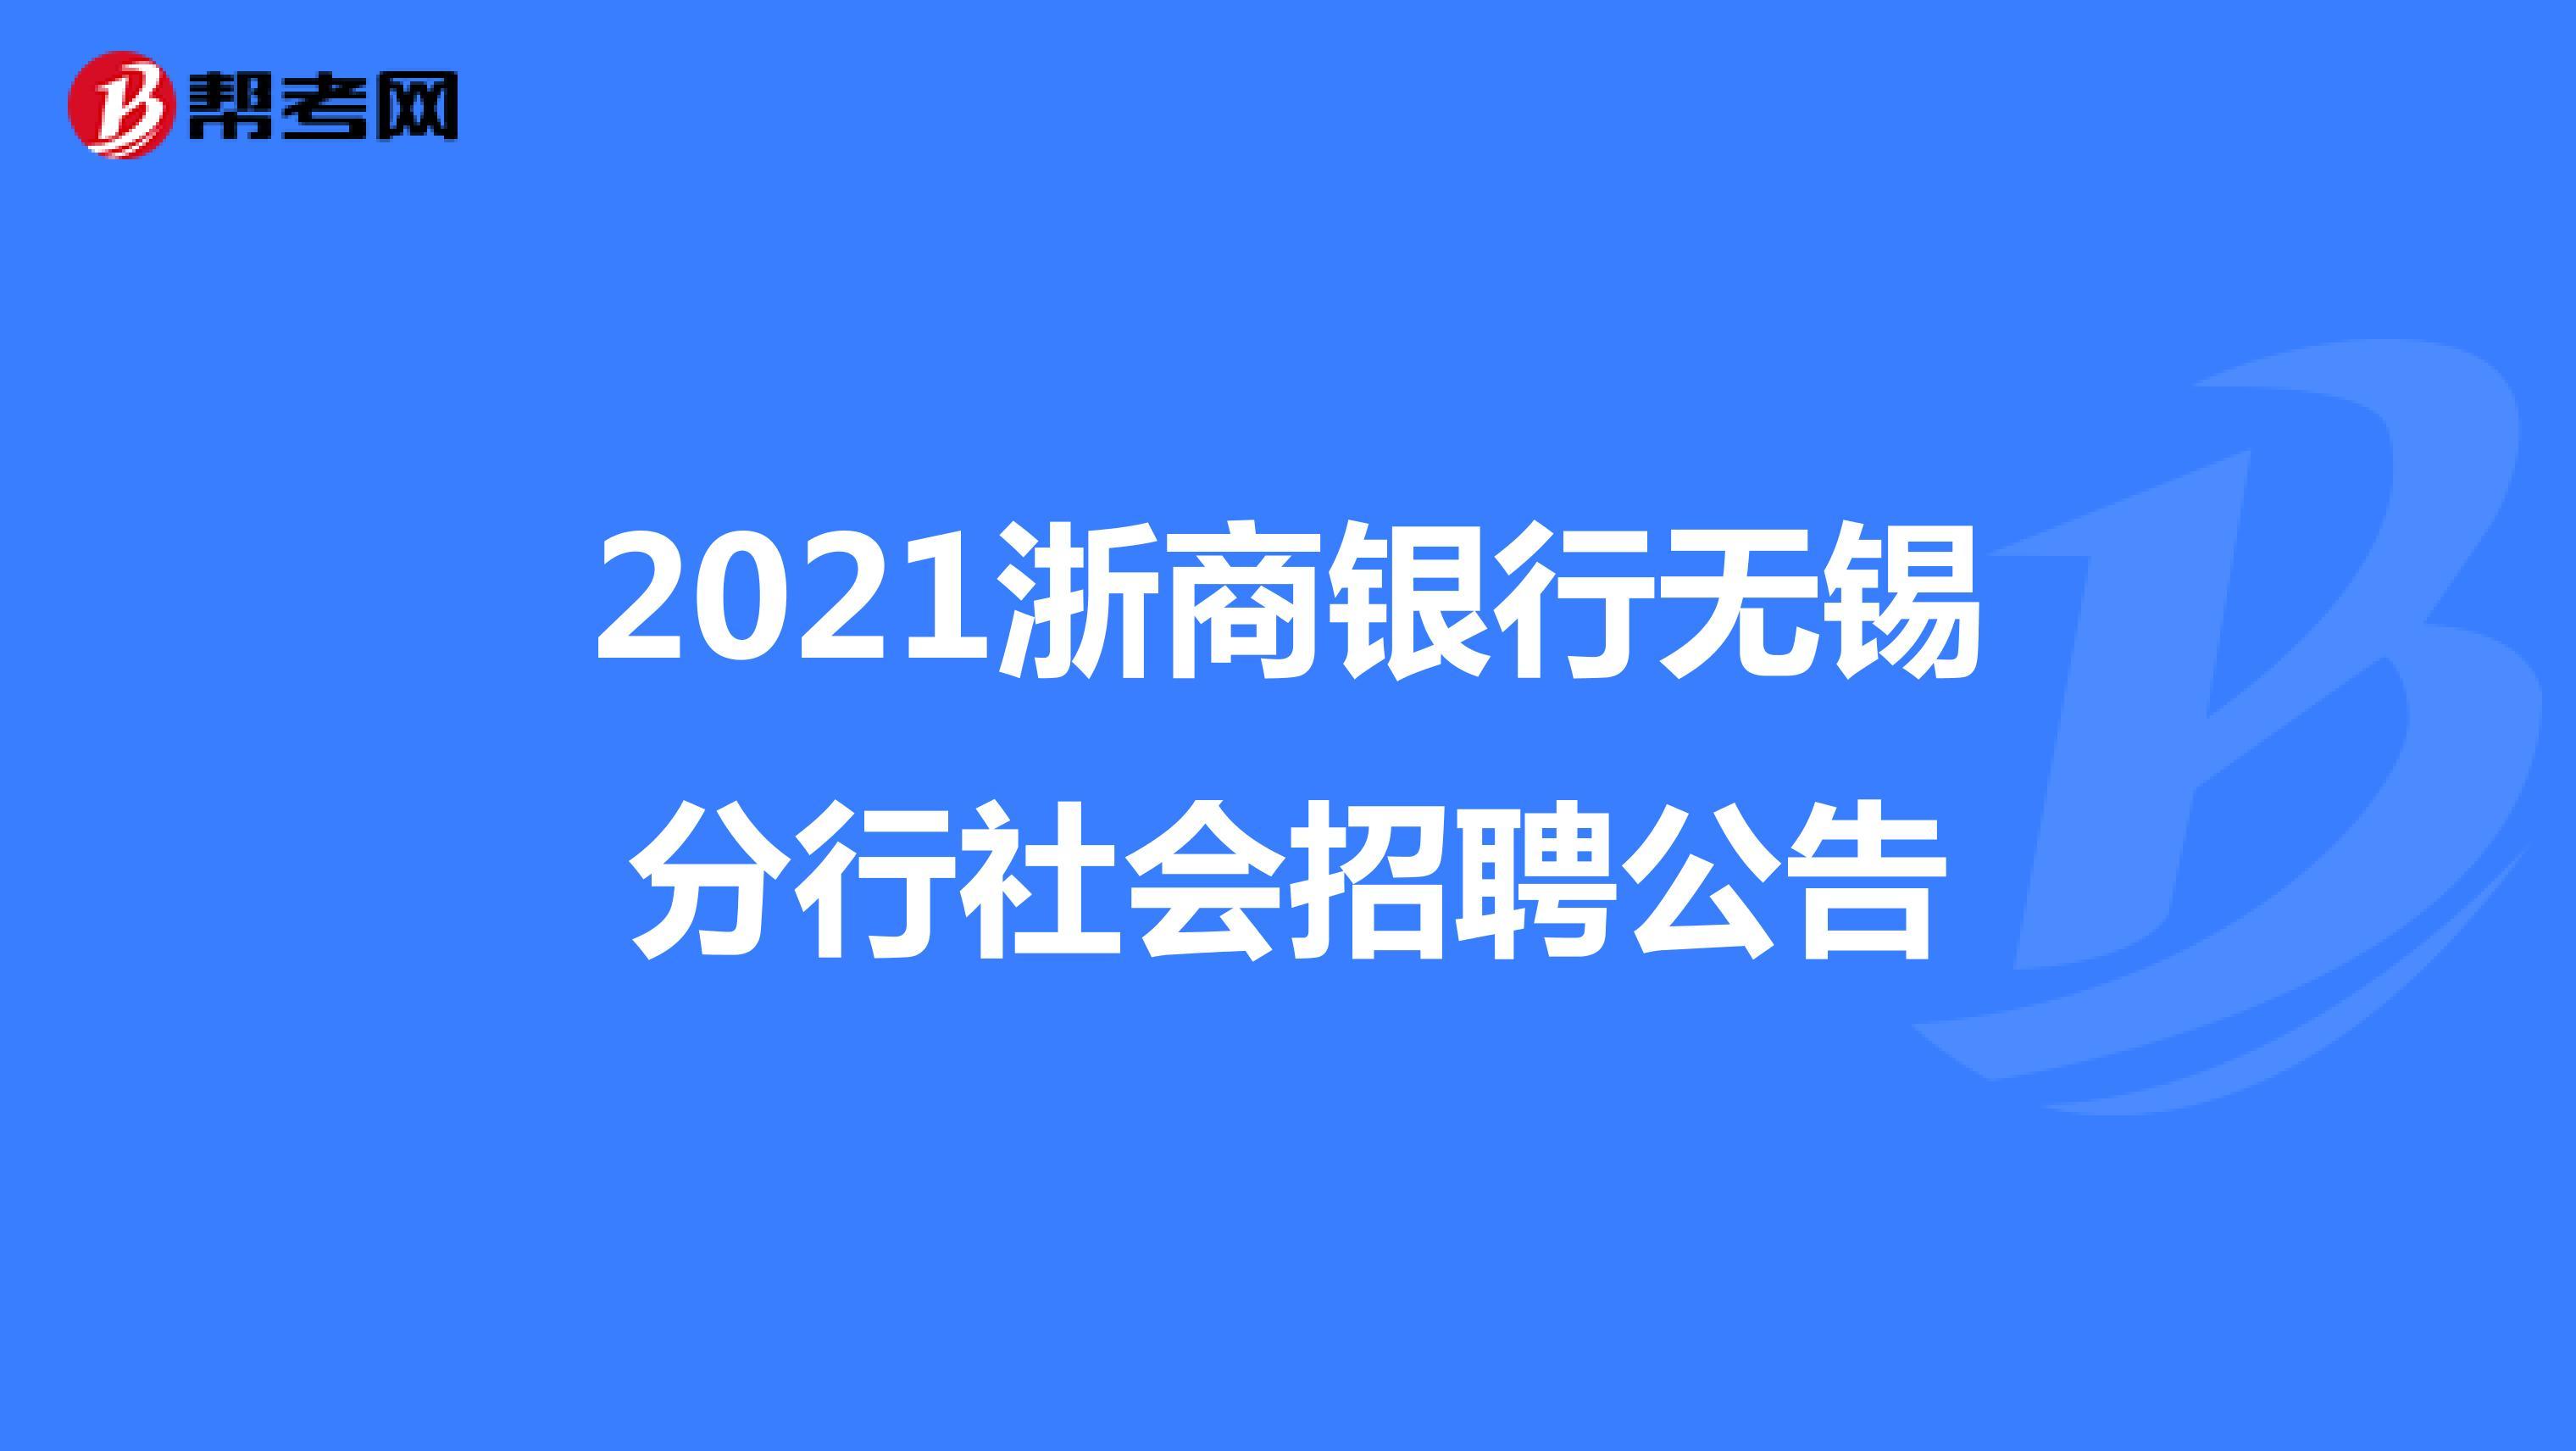 2021浙商银行无锡分行社会招聘公告